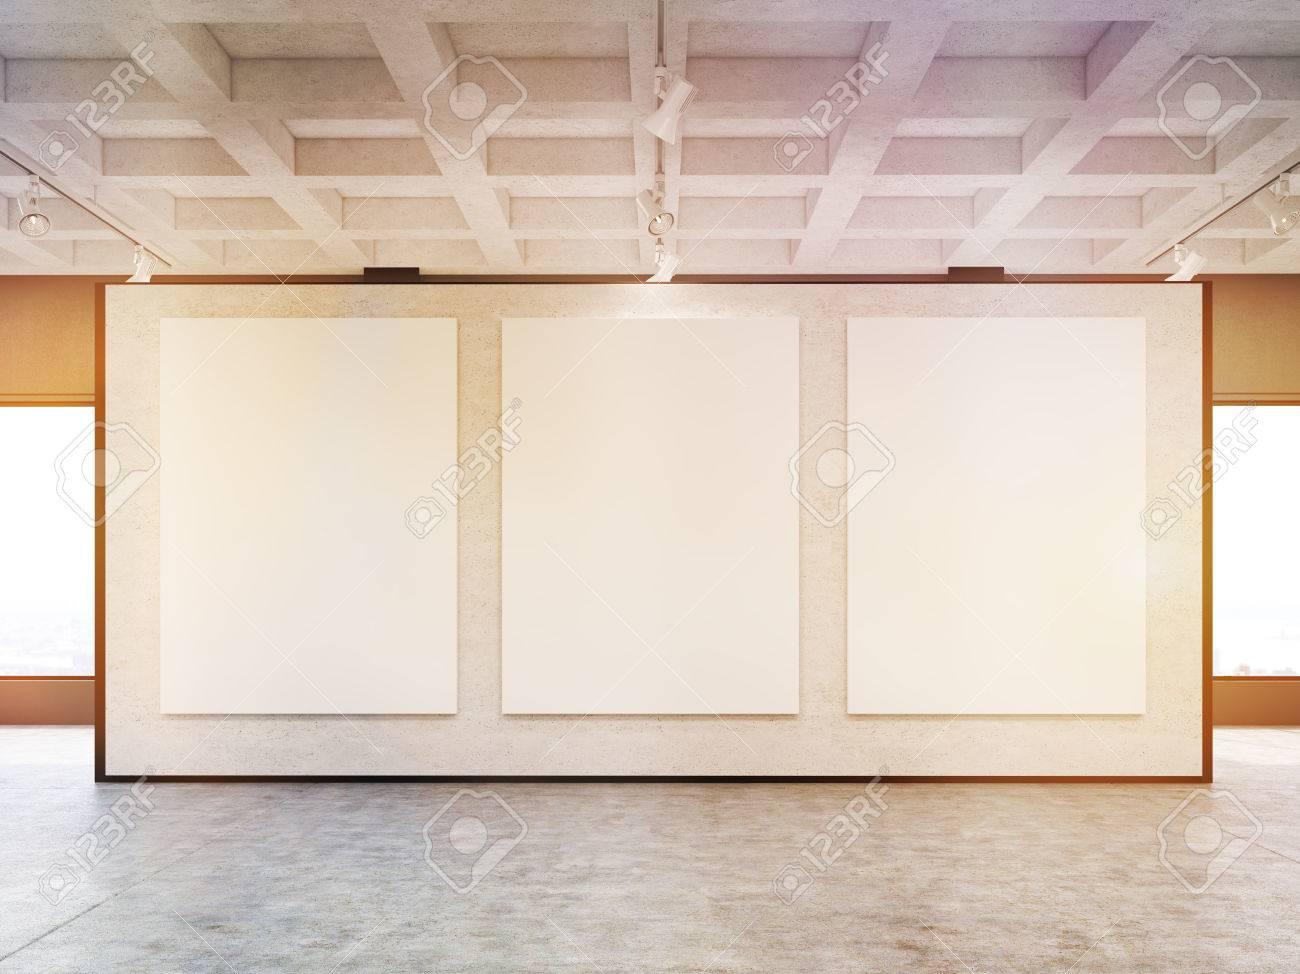 Standard Bild   Vorderansicht Der Drei Großen Vertikalen Plakate An Einer Grauen  Wand In Einer Galerie. Konzept Der Modernen Kunst Und Marketing.